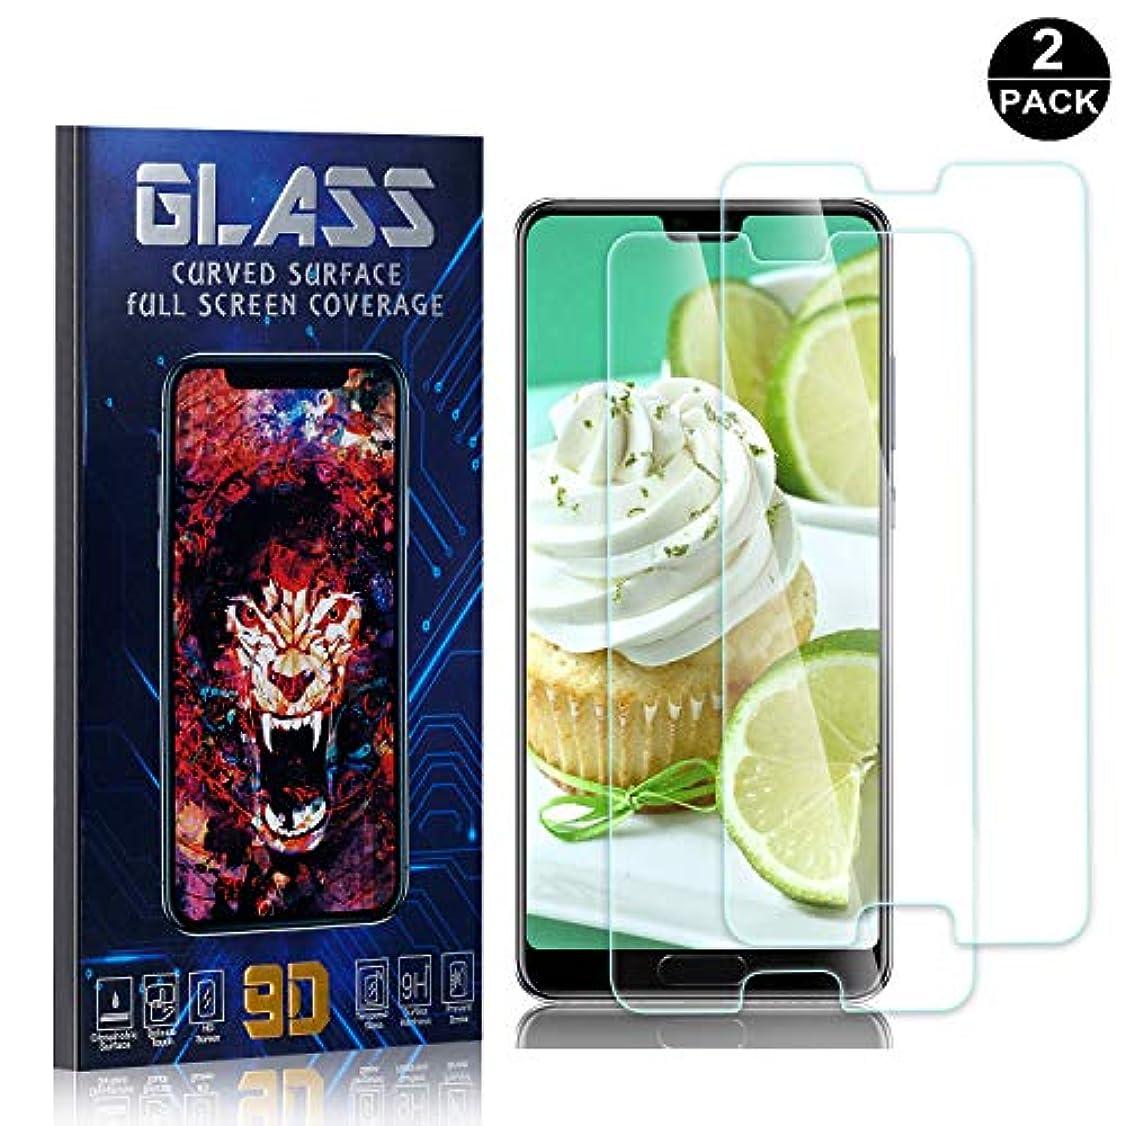 見出し旋回前に【2枚セット】 Huawei P20 超薄 フィルム CUNUS Huawei P20 専用設計 硬度9H 耐衝撃 強化ガラスフィルム 気泡防止 飛散防止 超薄0.26mm 高透明度で 液晶保護フィルム